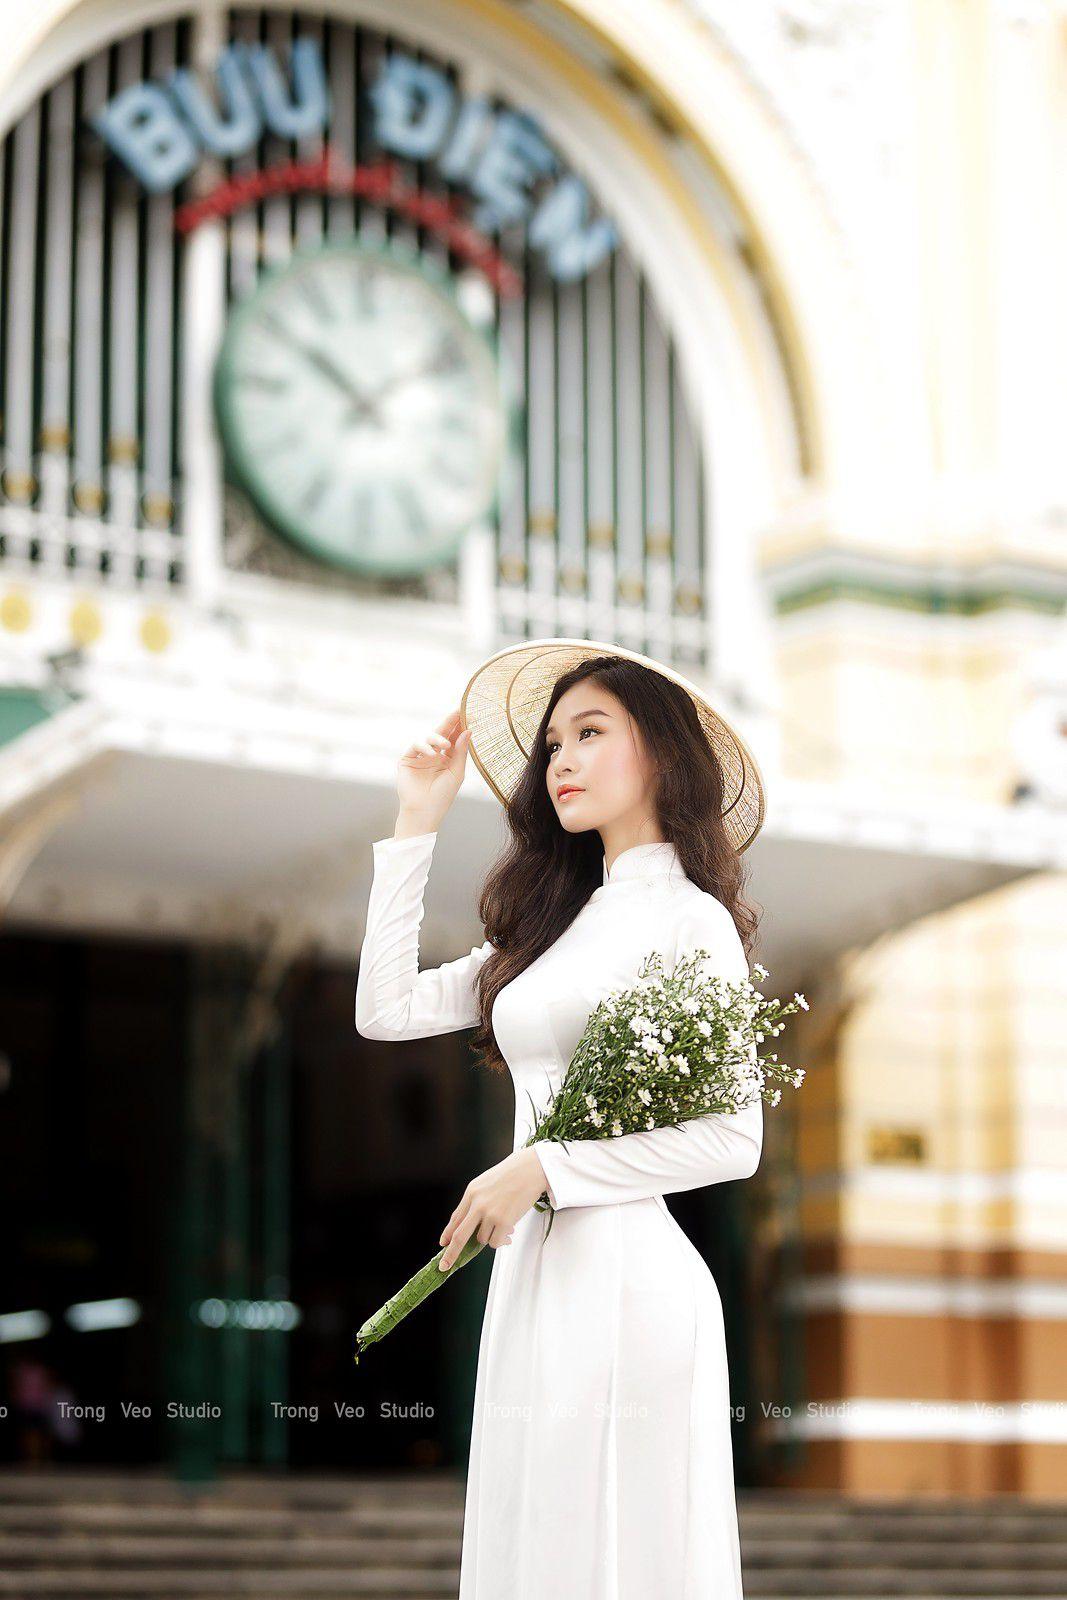 Ngắm bộ ảnh hoa khôi Phương Đoan đẹp hú hồn trong tà áo dài trắng thướt tha 8